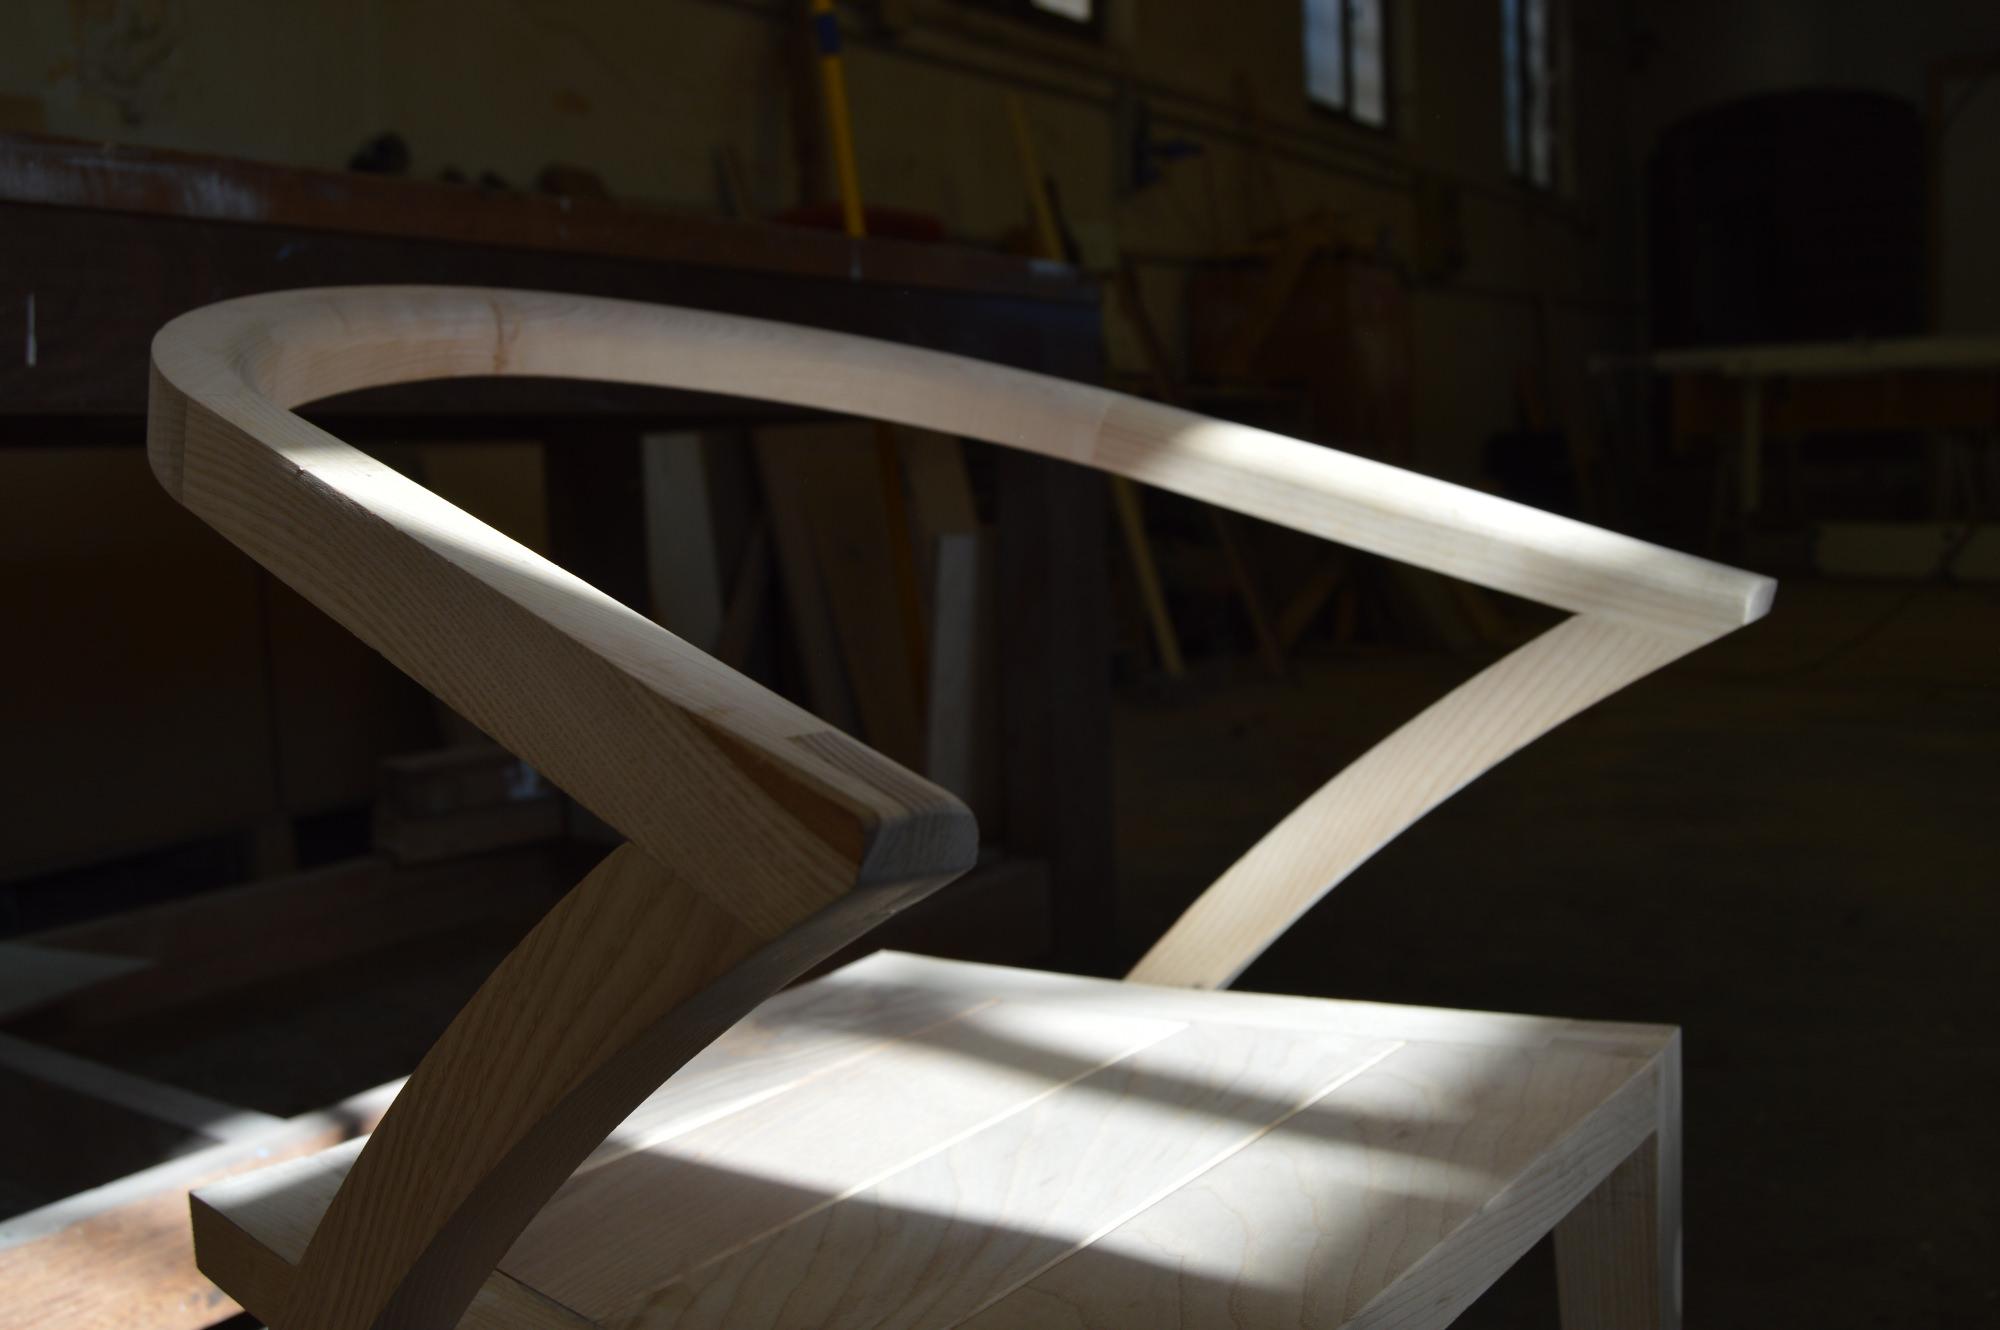 asia chair par simon young design blog esprit design. Black Bedroom Furniture Sets. Home Design Ideas